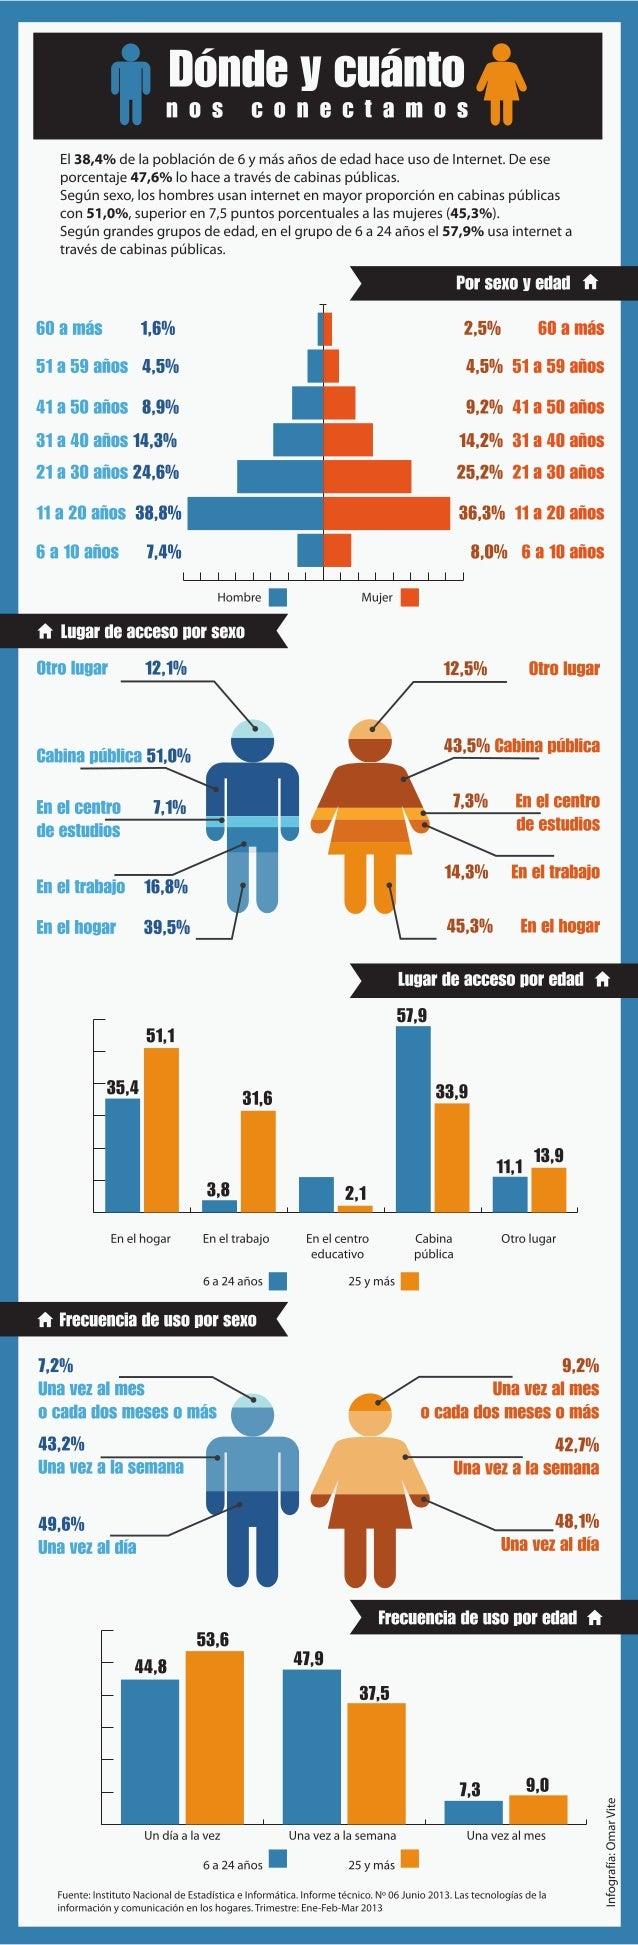 #ConsumidorPeru Según lugar y frecuencia de acceso.